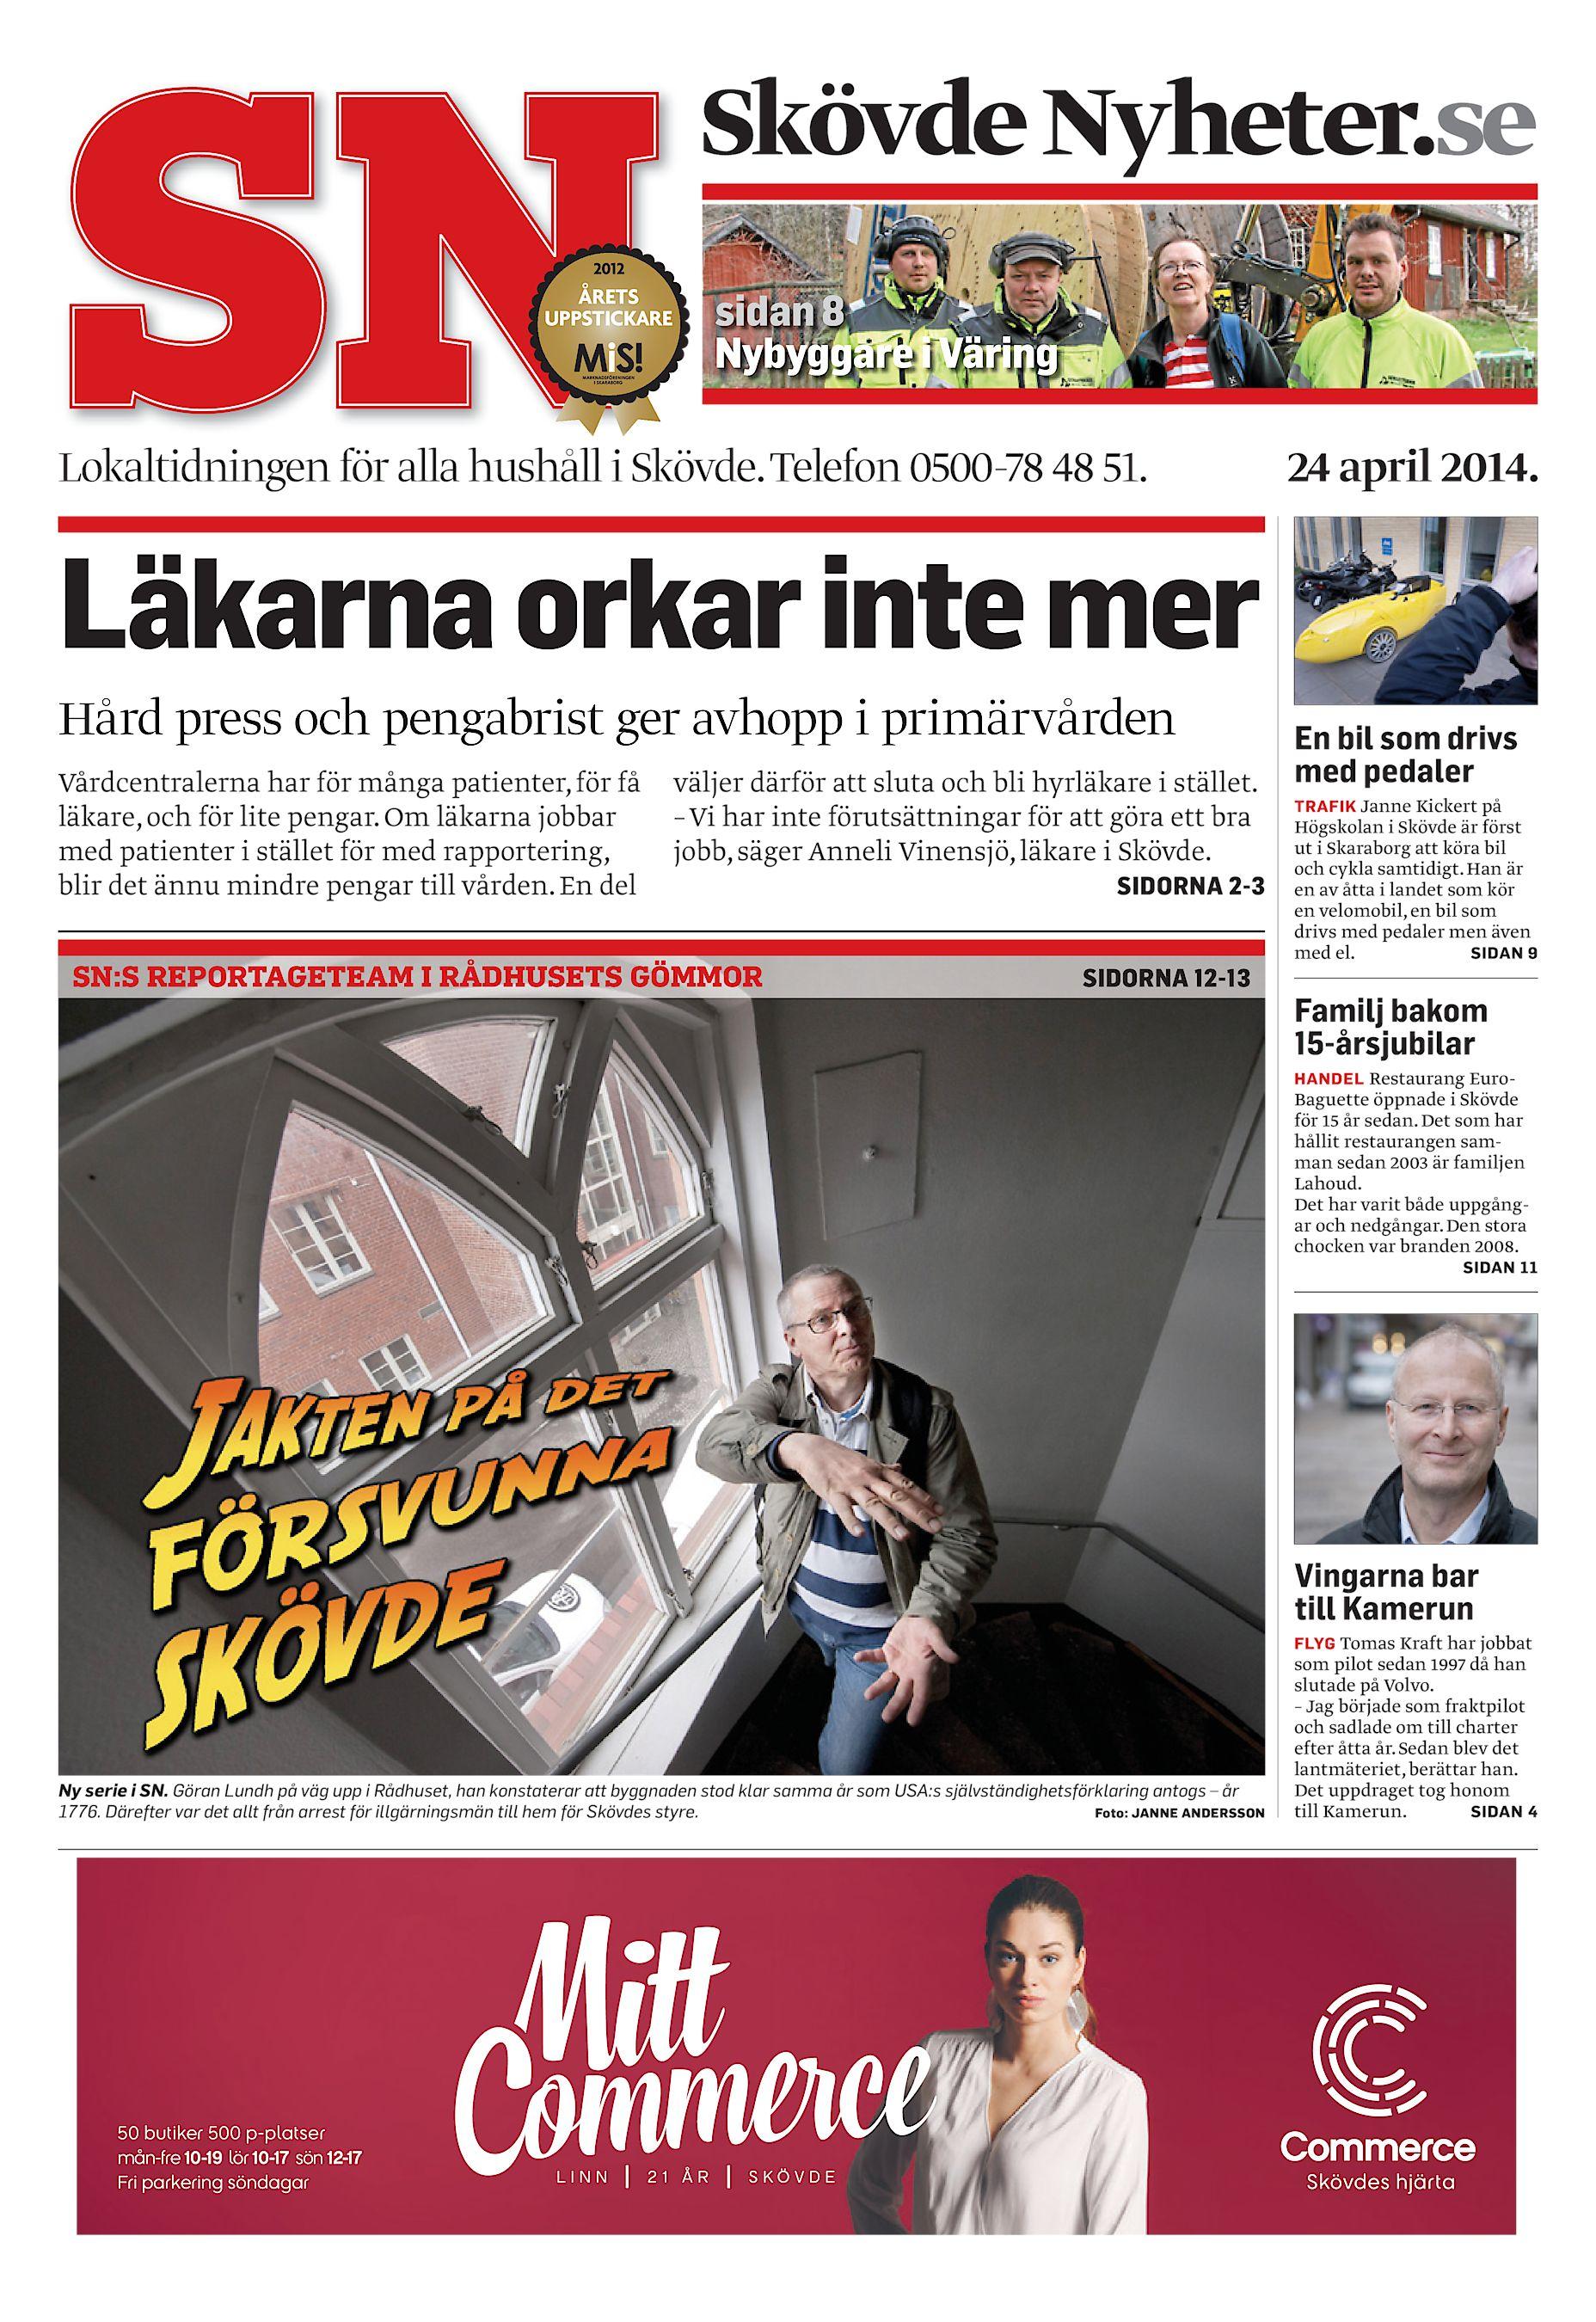 2ec4444f6e0e Skövde Nyheter.se sidan 8 Nybyggare i Väring Lokaltidningen för alla  hushåll i Skövde. Telefon 0500-78 48 51. 24 april 2014. Läkarna orkar inte  mer Hård ...